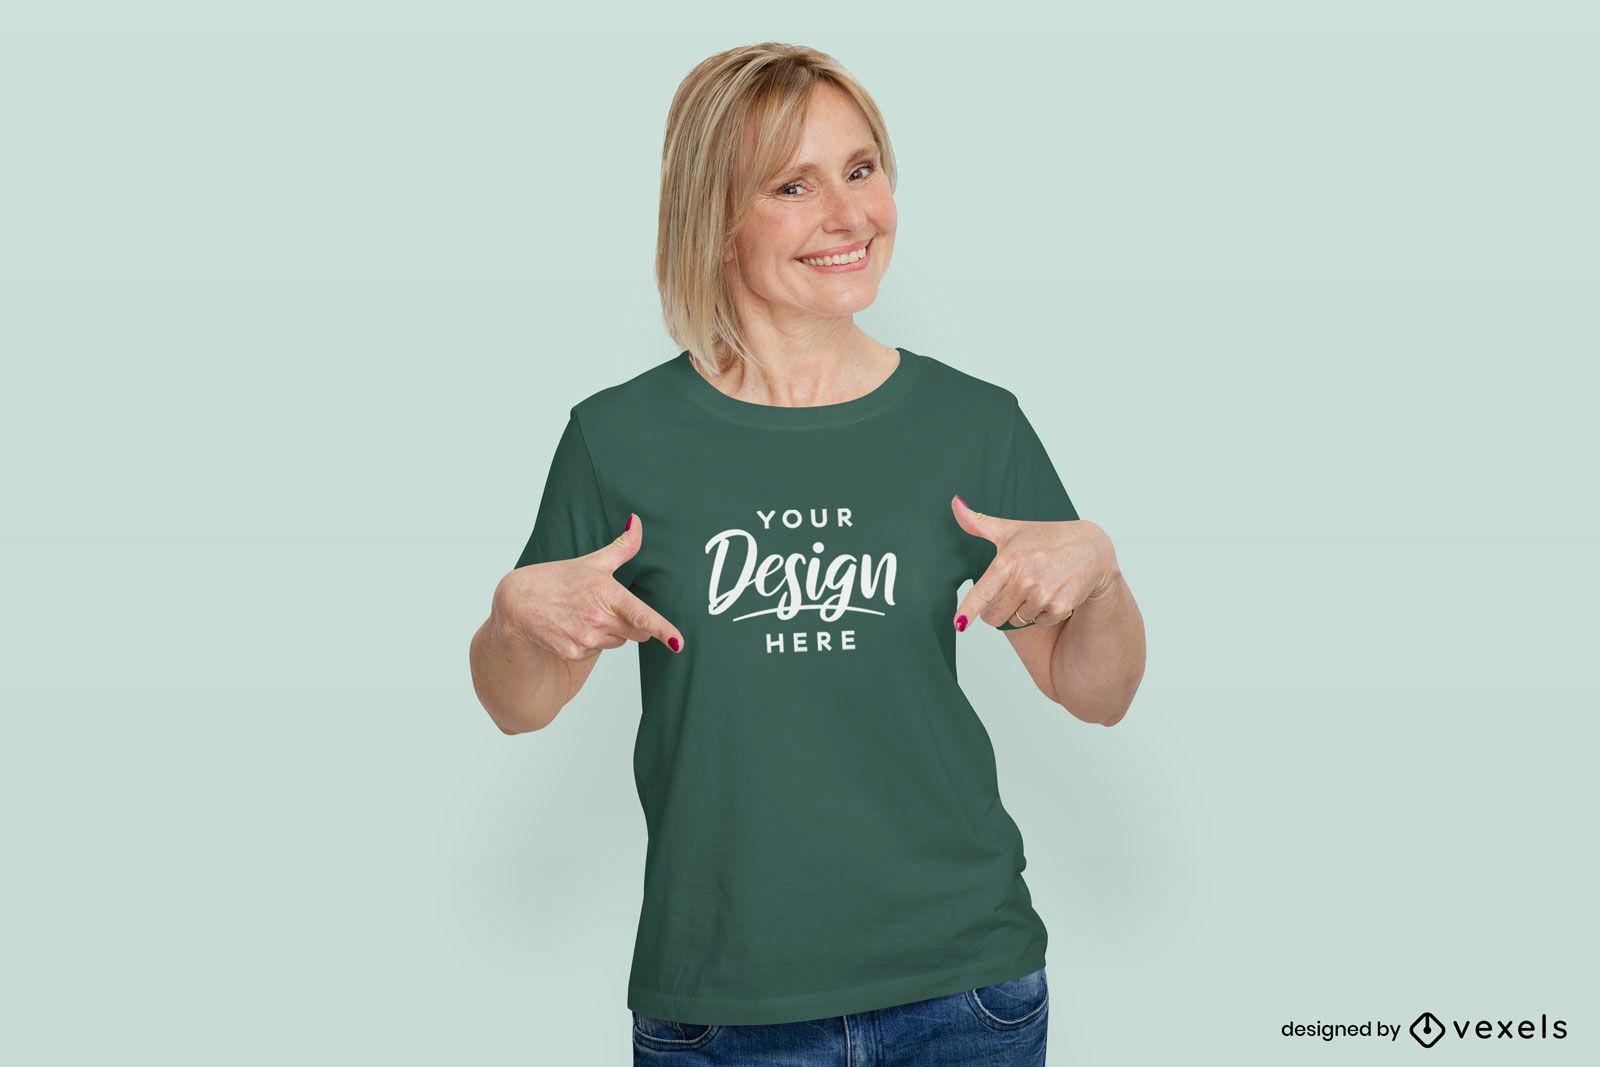 Frau im gr?nen T-Shirt-Modell im flachen Hintergrund